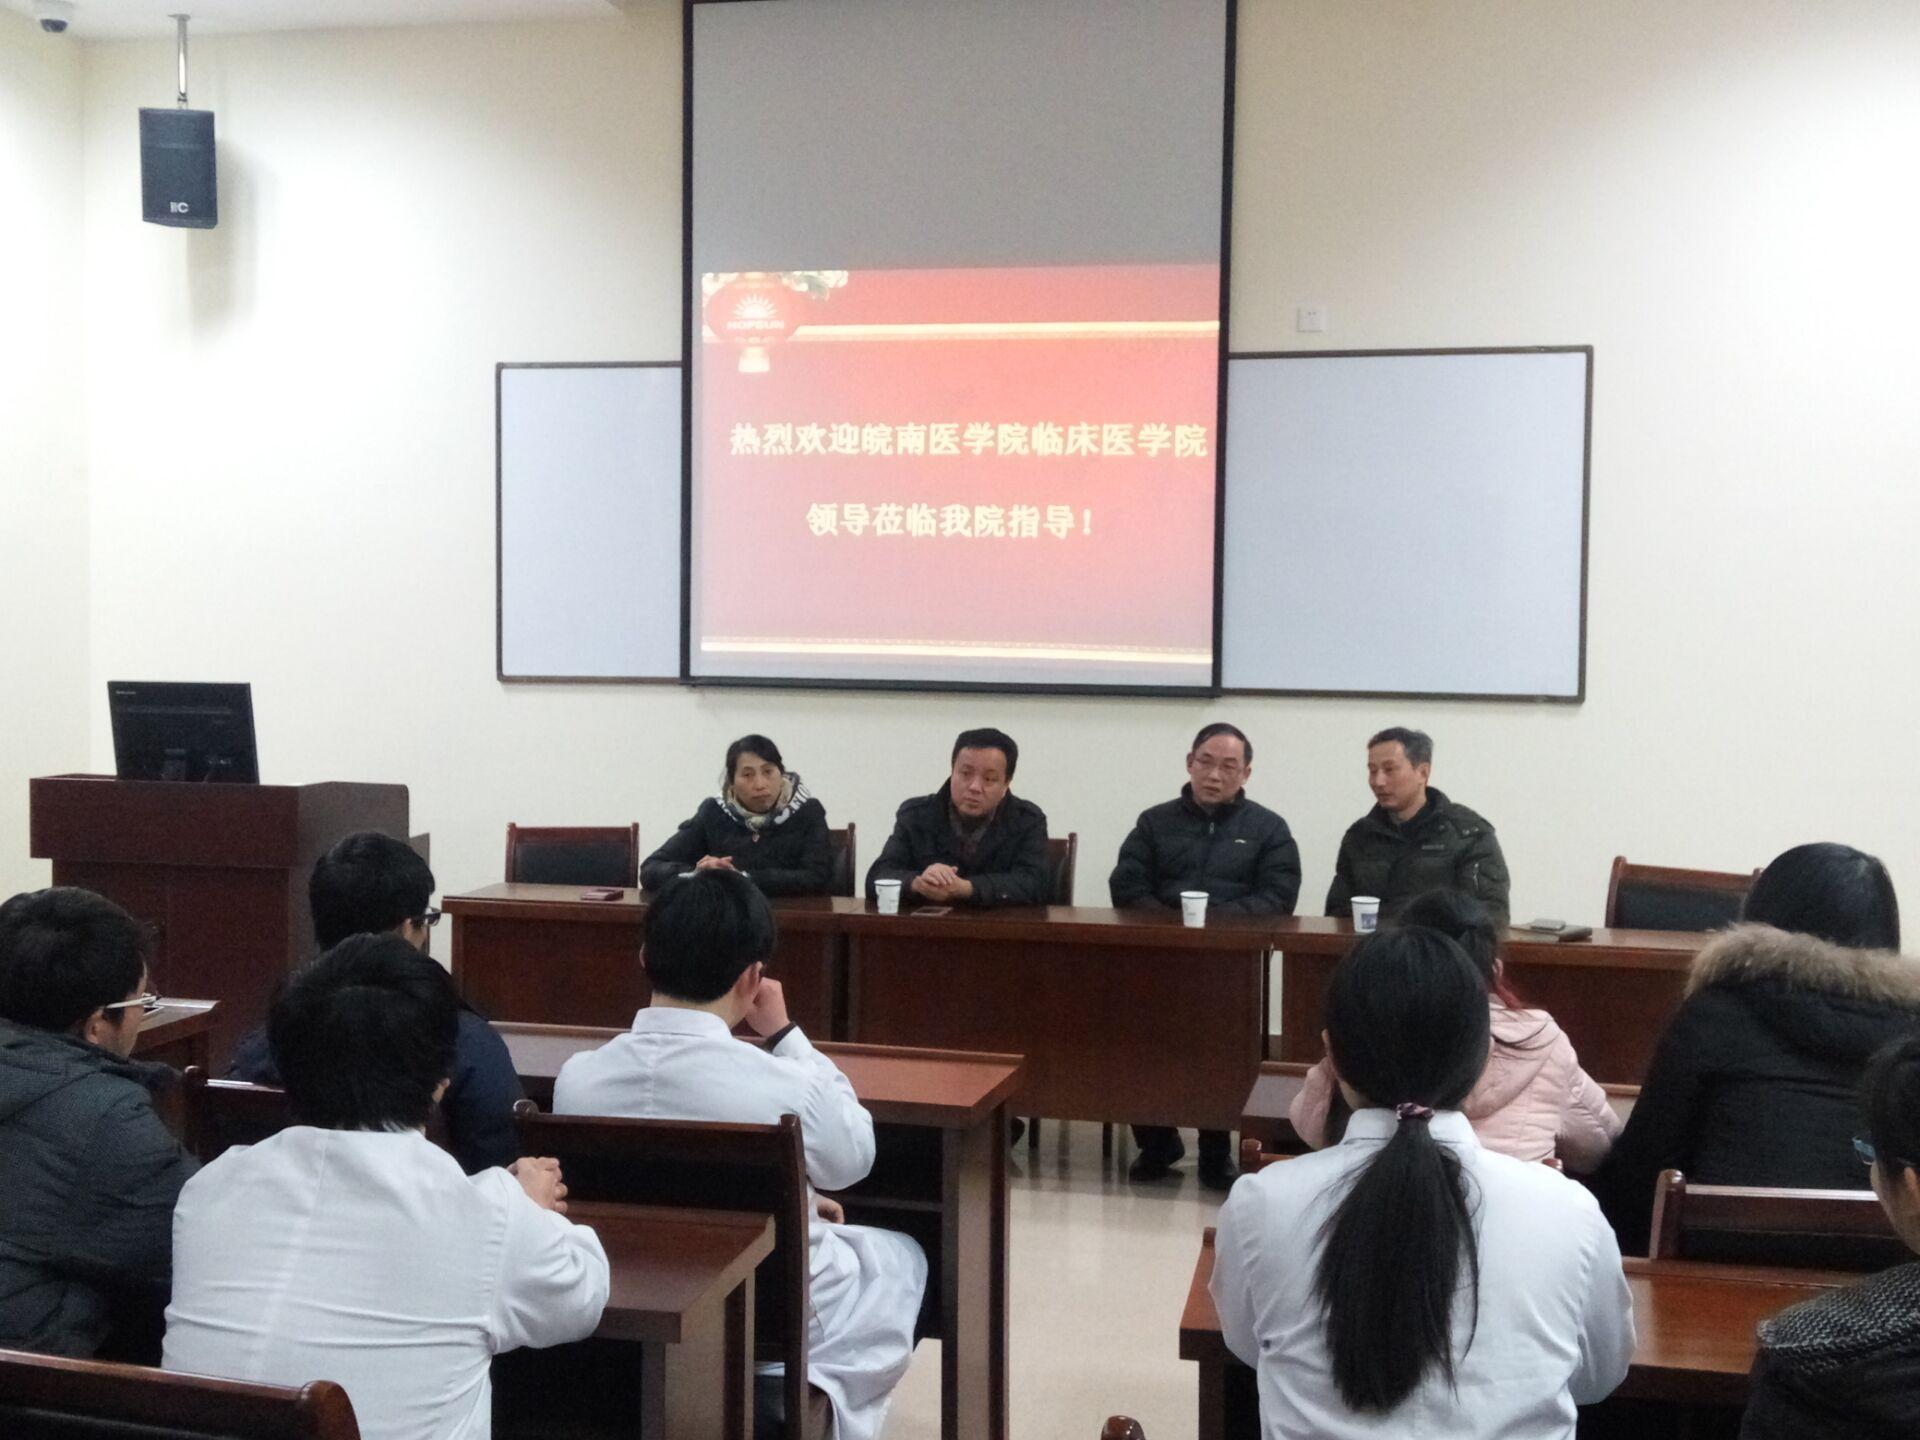 芜湖市第二人民医院师生座谈会